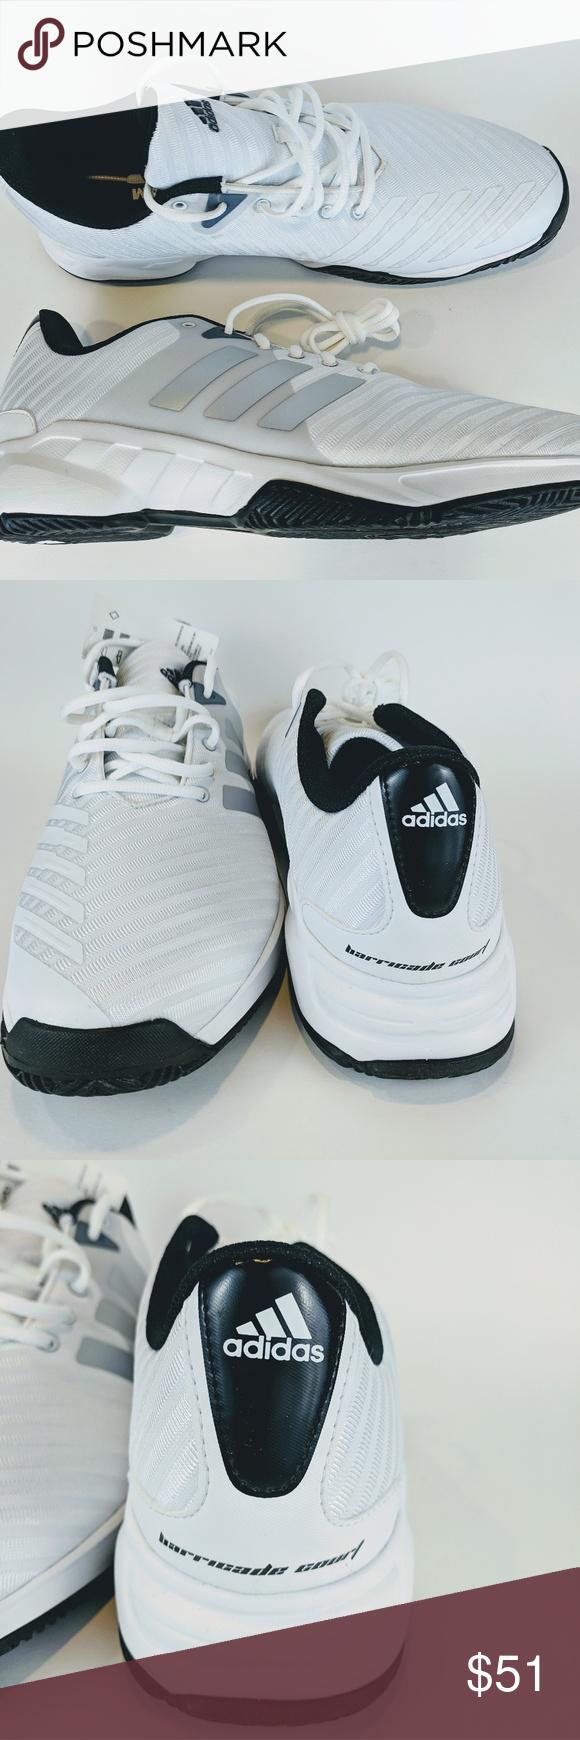 Adidas White Tennis Shoes NWT   White